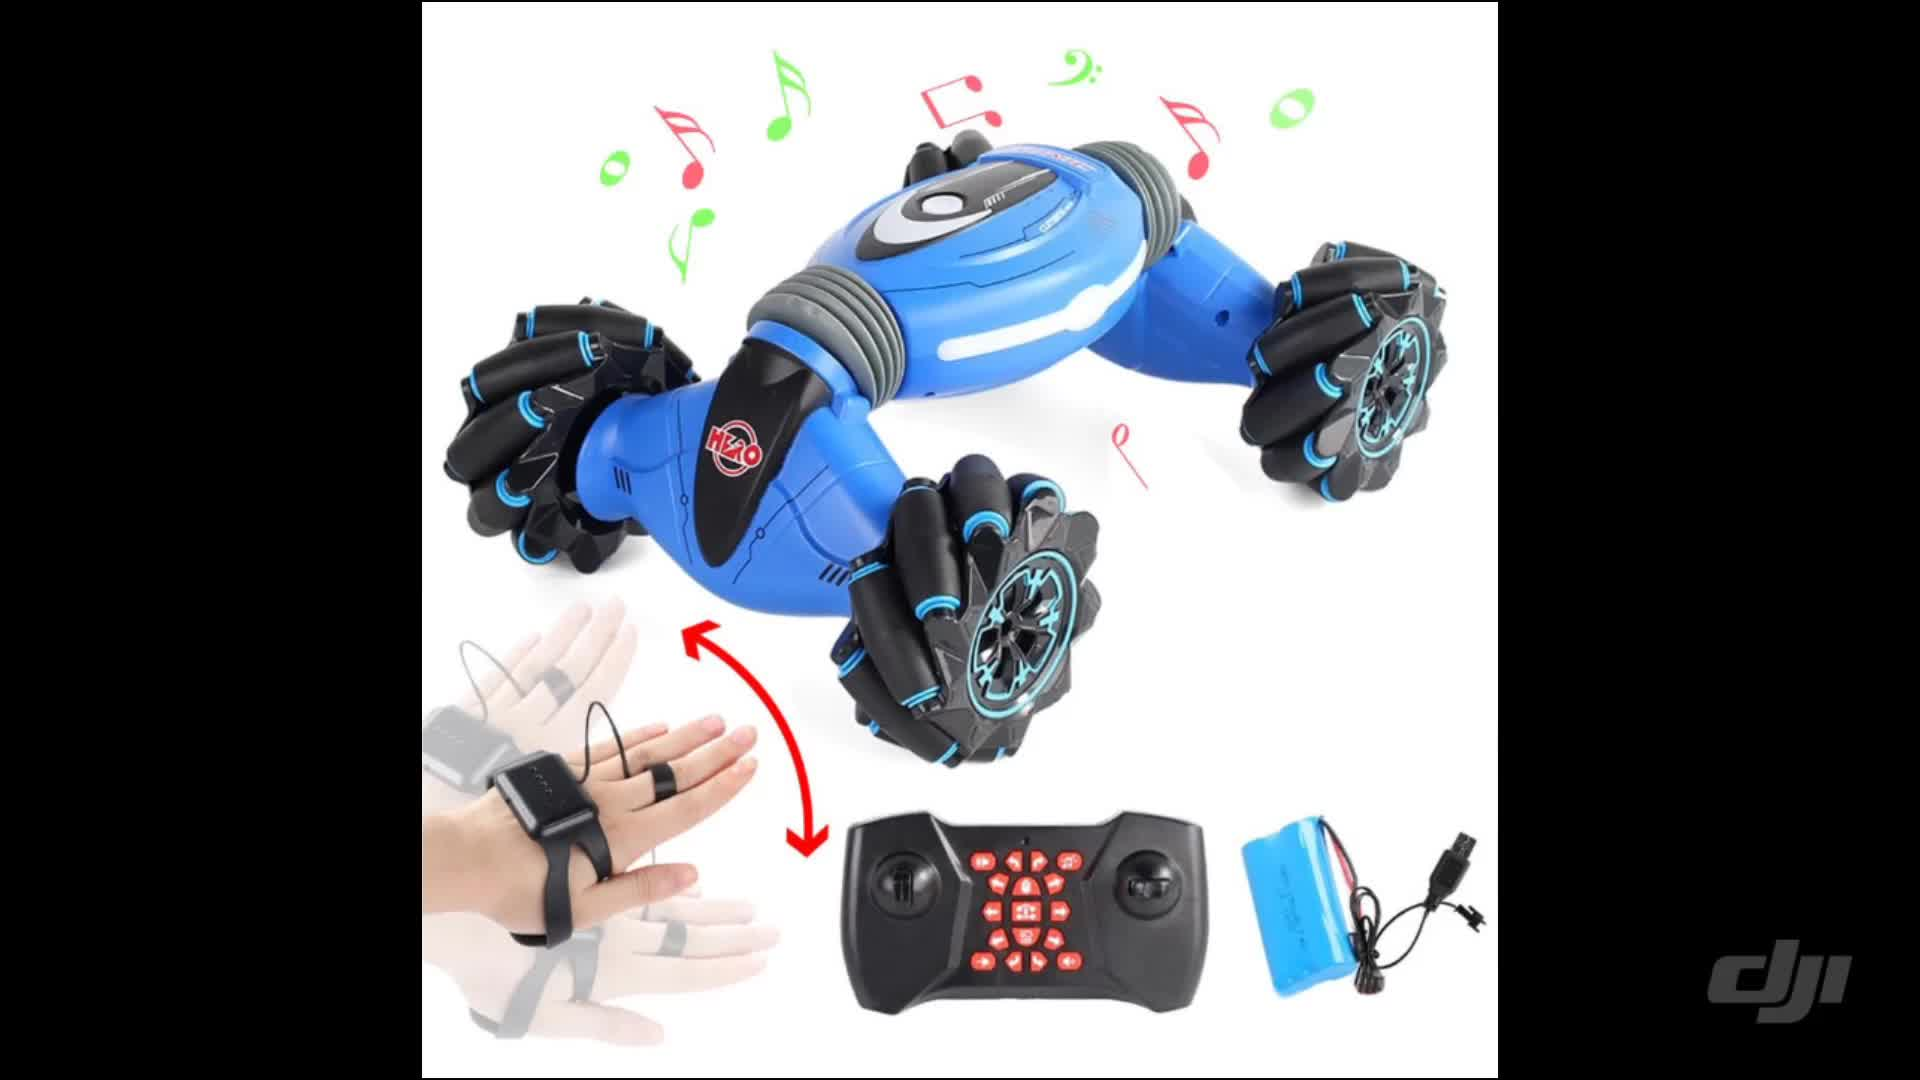 Relógio Da Mão de Controle Remoto RC 2.4ghz 4wd Transformar Torção Gesto Sensor de Escalada Dublê Carro de Brinquedo